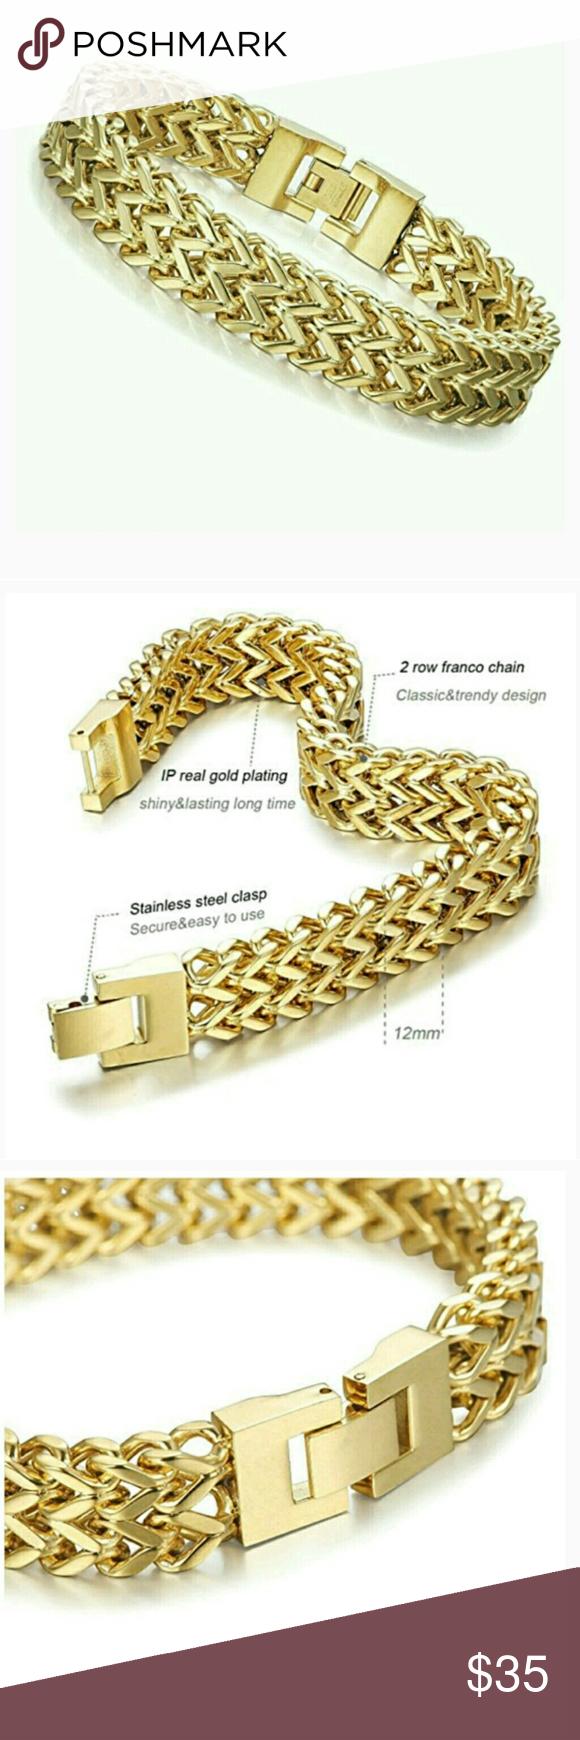 Nwt stainless steel bracelets restocked item rating e